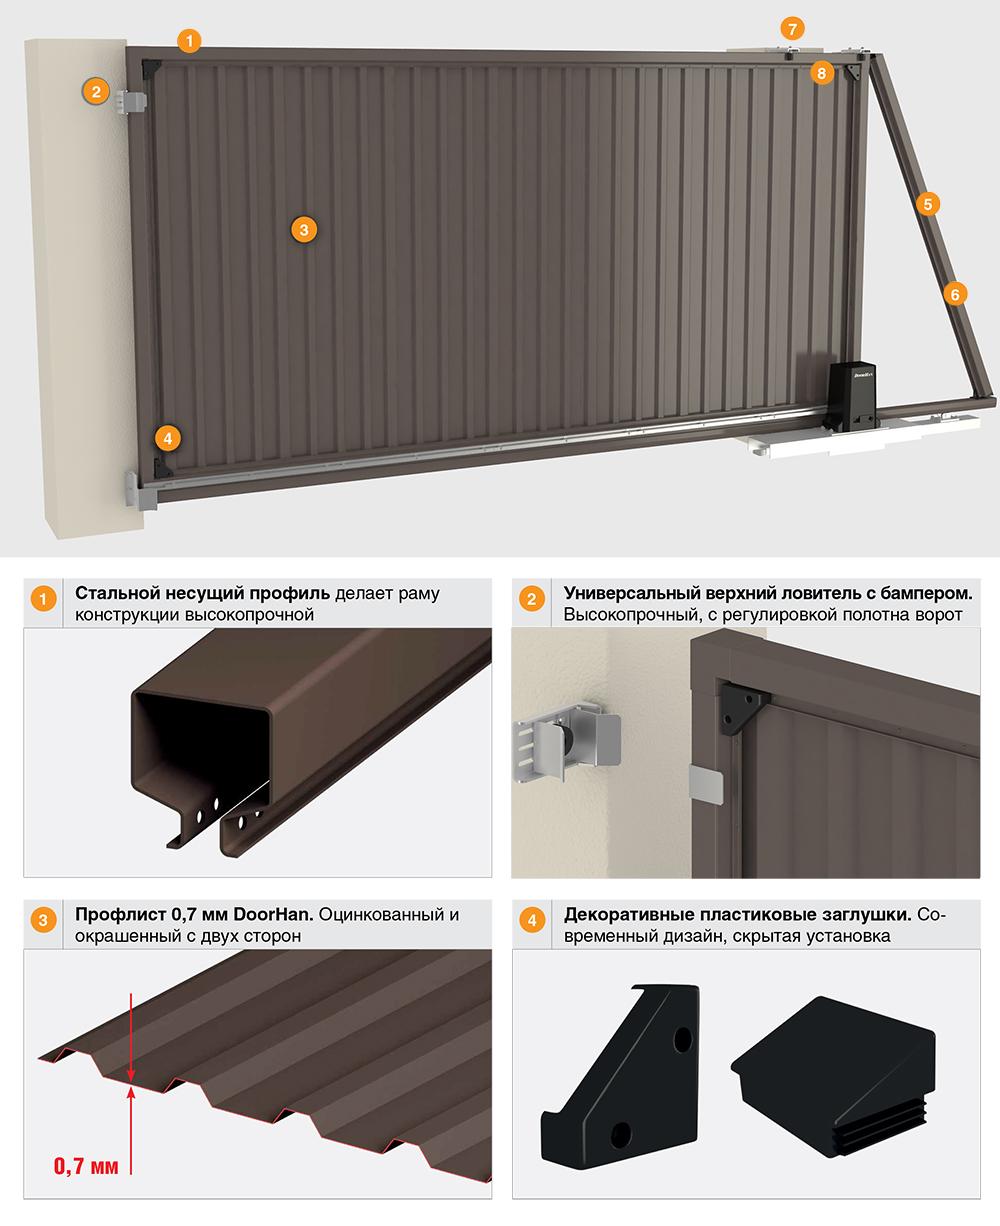 Конструкция ворот REVOLUTION Doorhan